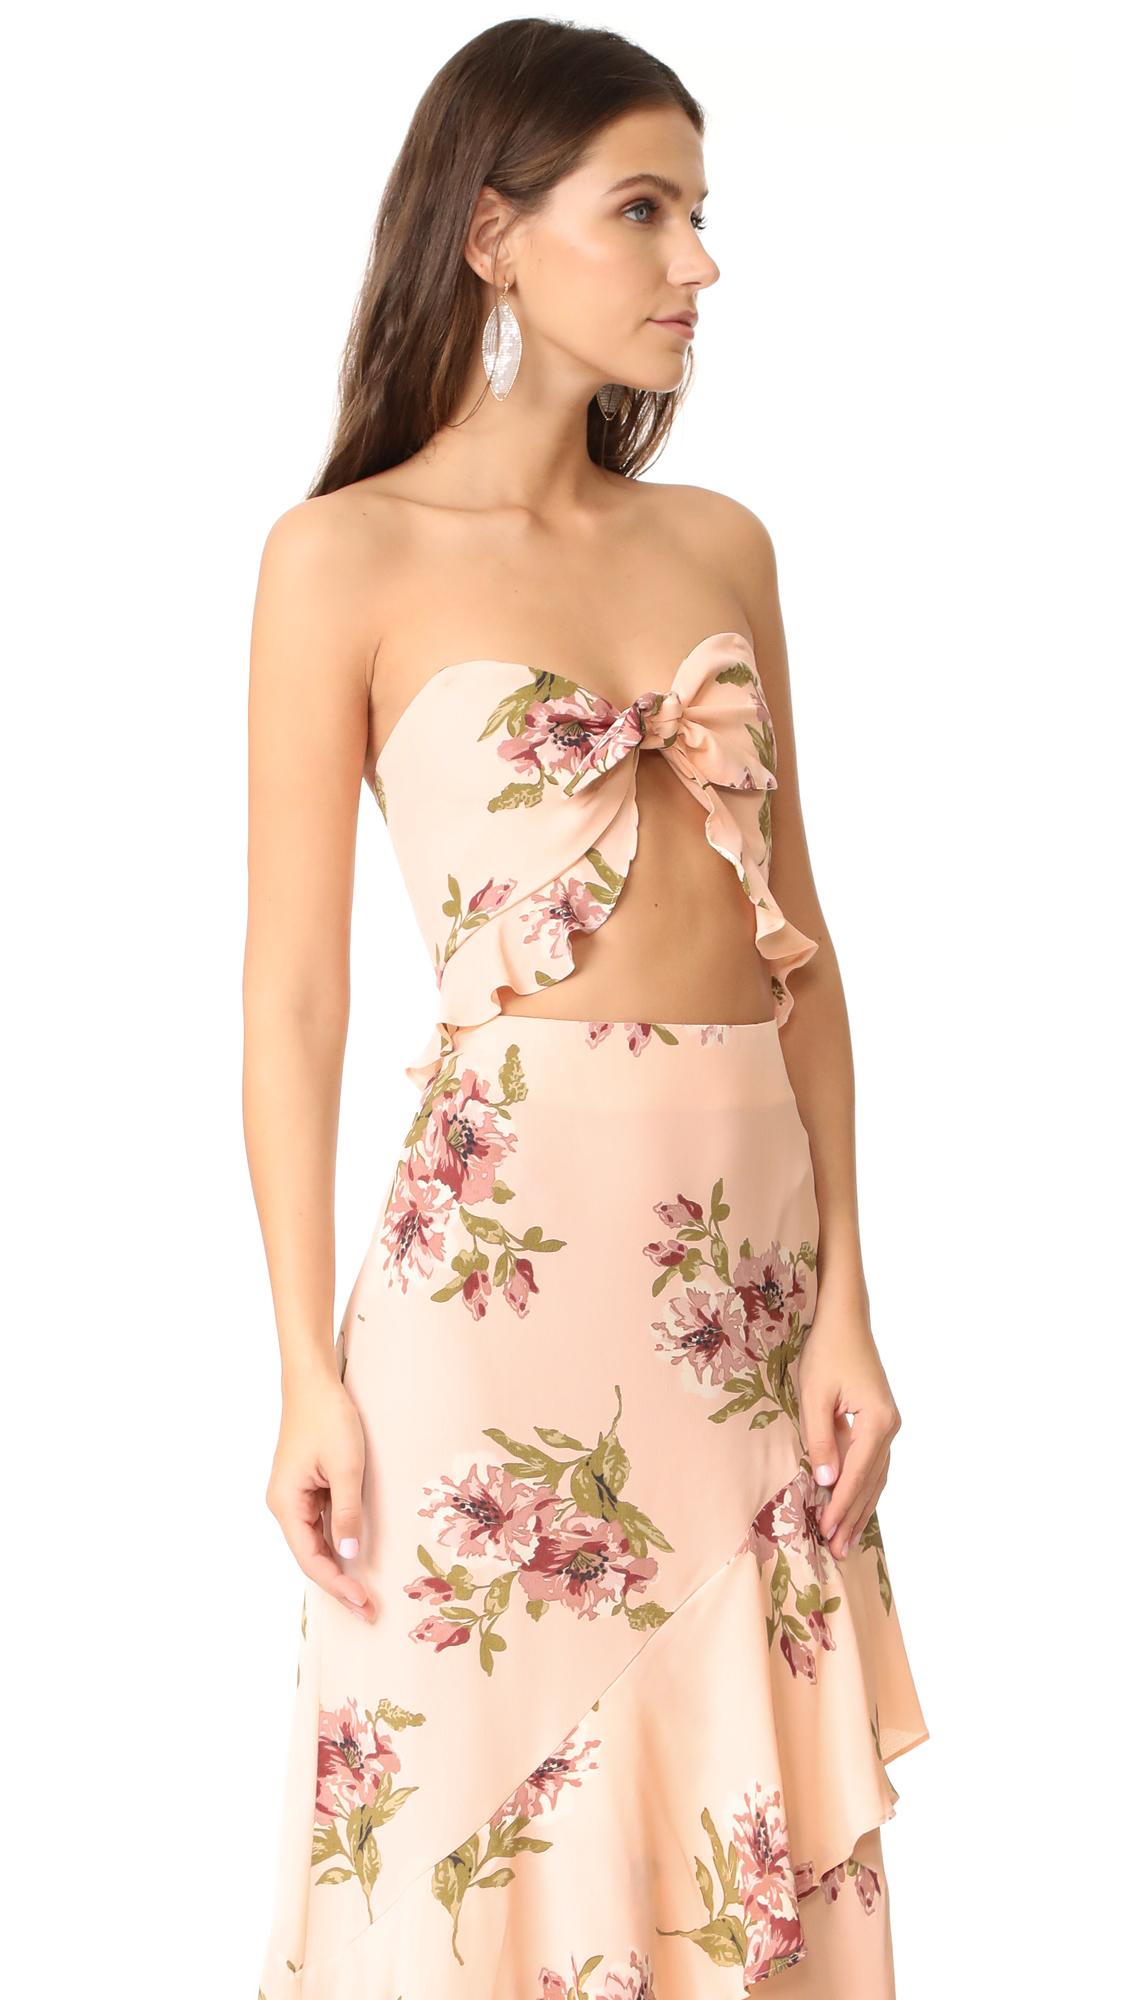 df9cee50aa9 Flynn Skye Michelle Maxi Dress